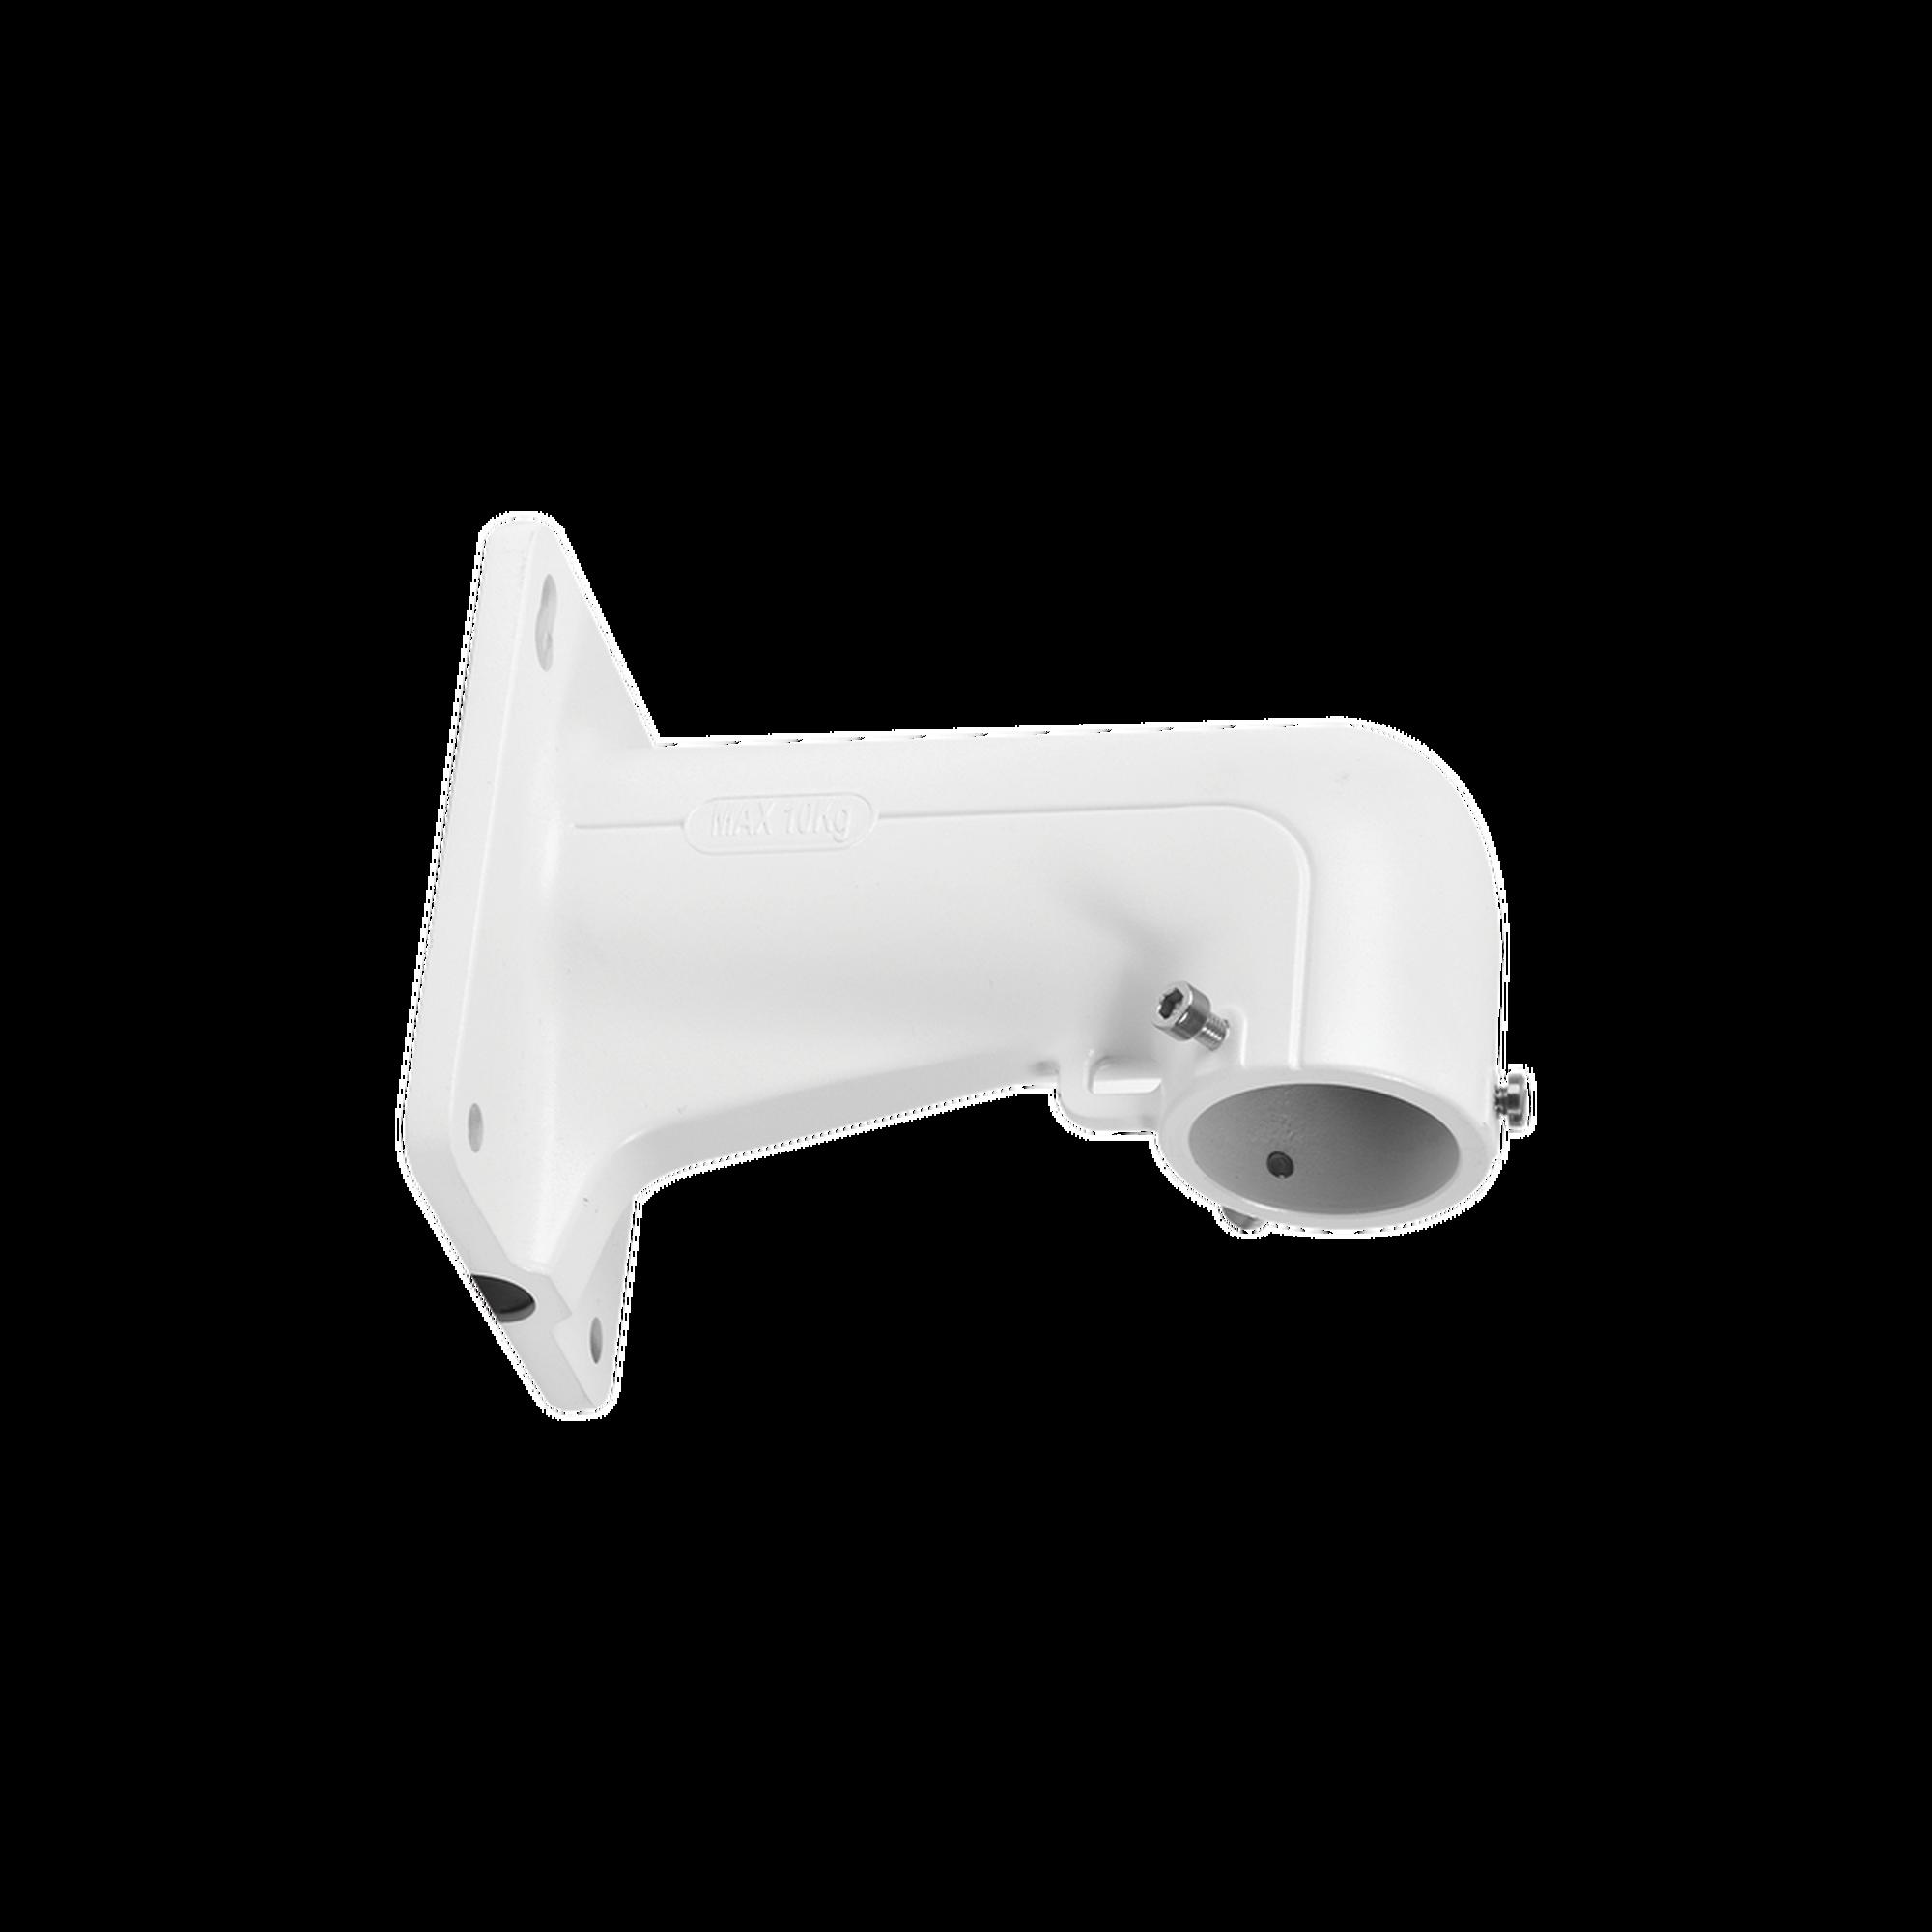 Montaje de pared de brazo corto para domos de 4, 5 (Pulgadas)